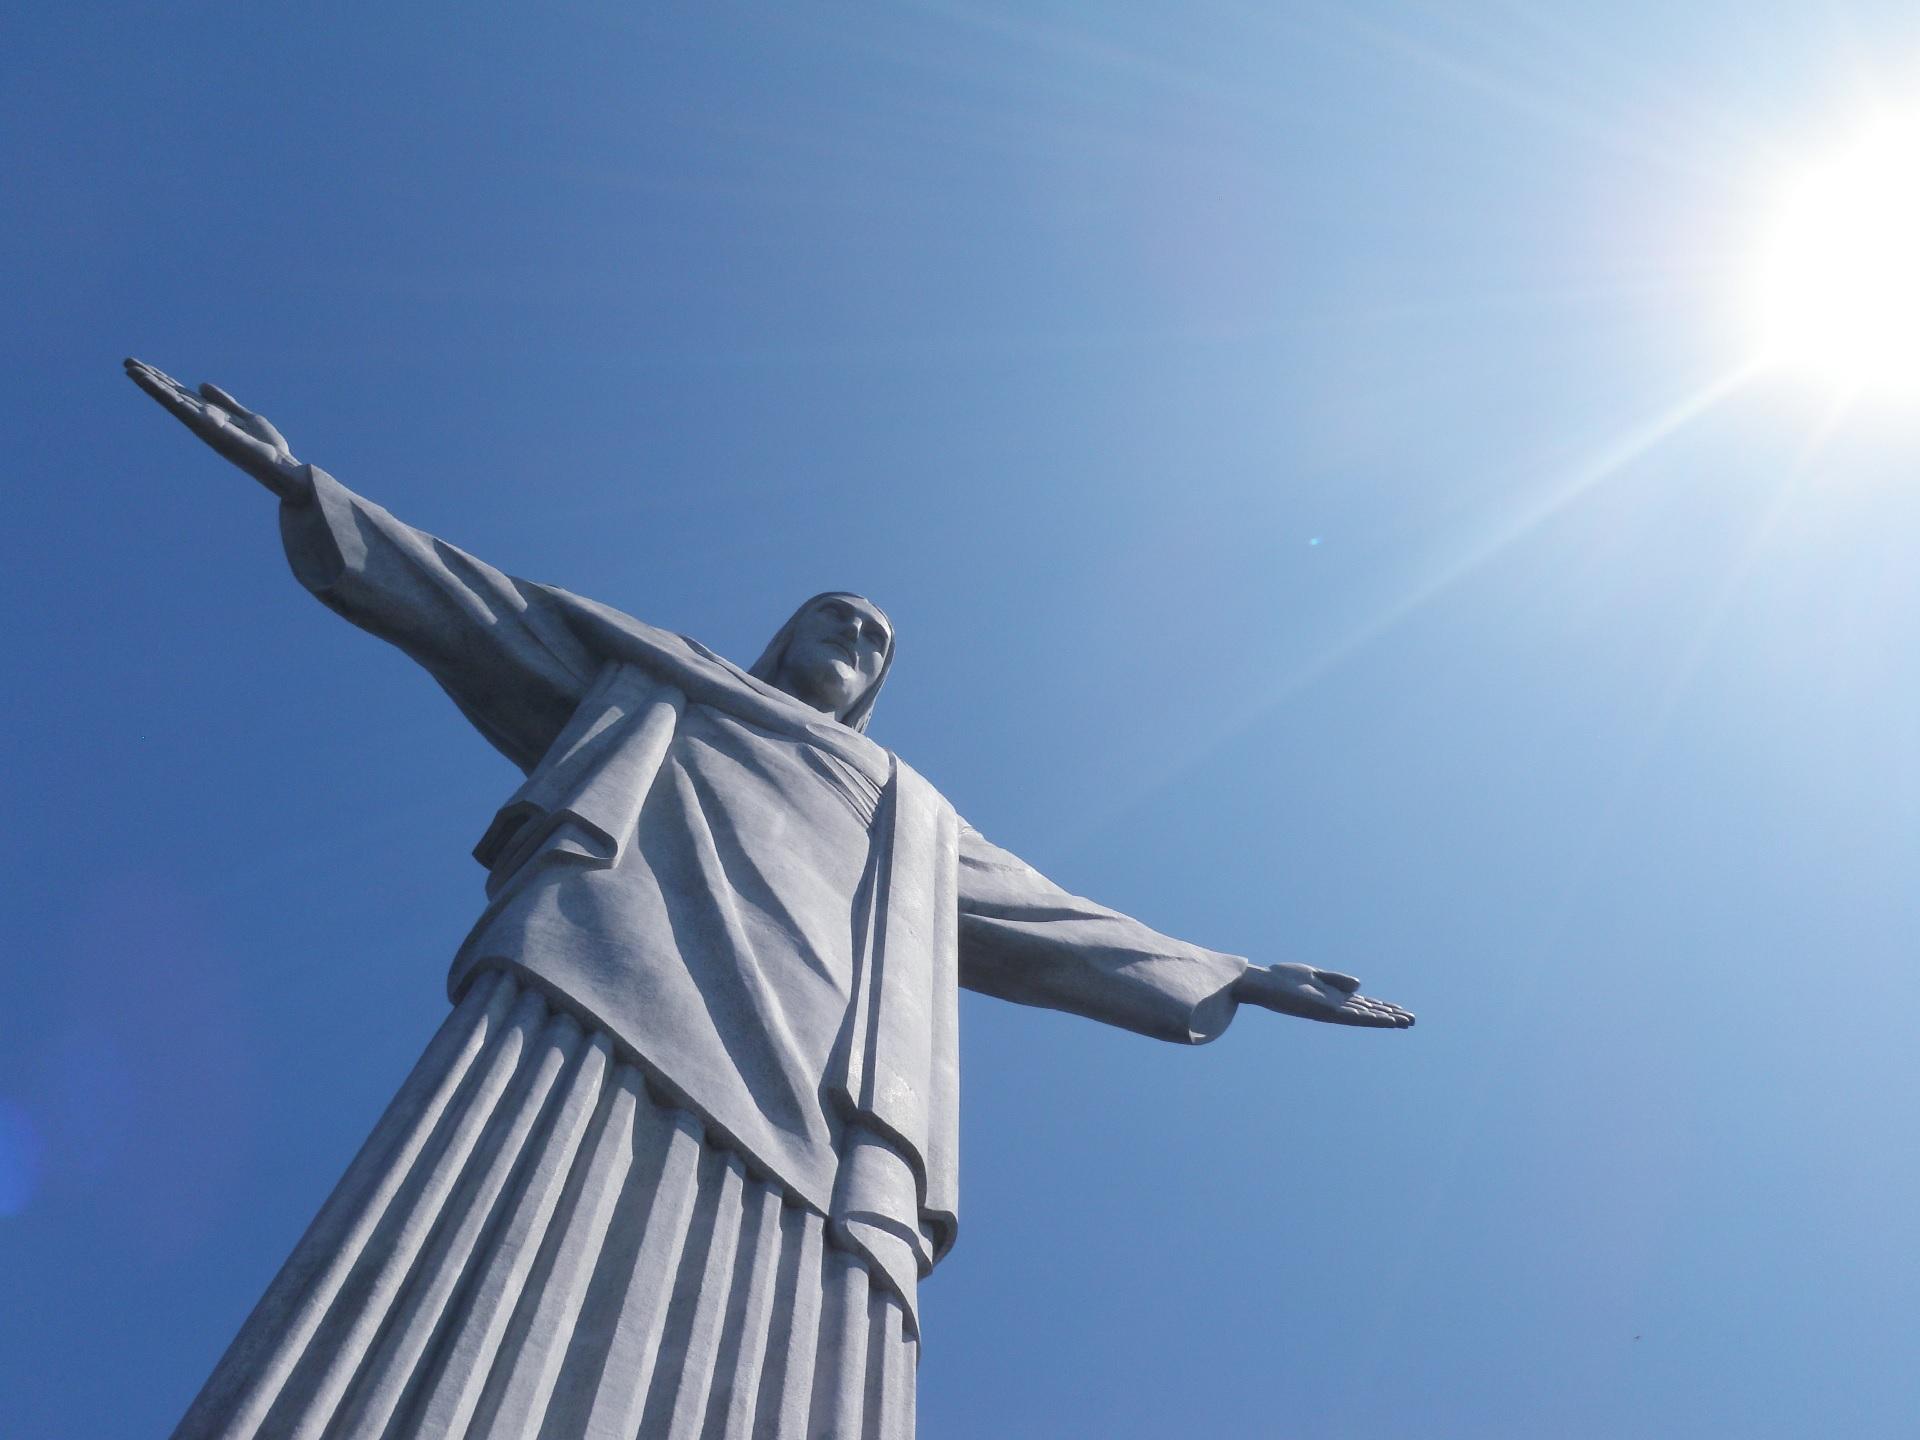 リオデジャネイロのイエスキリスト像